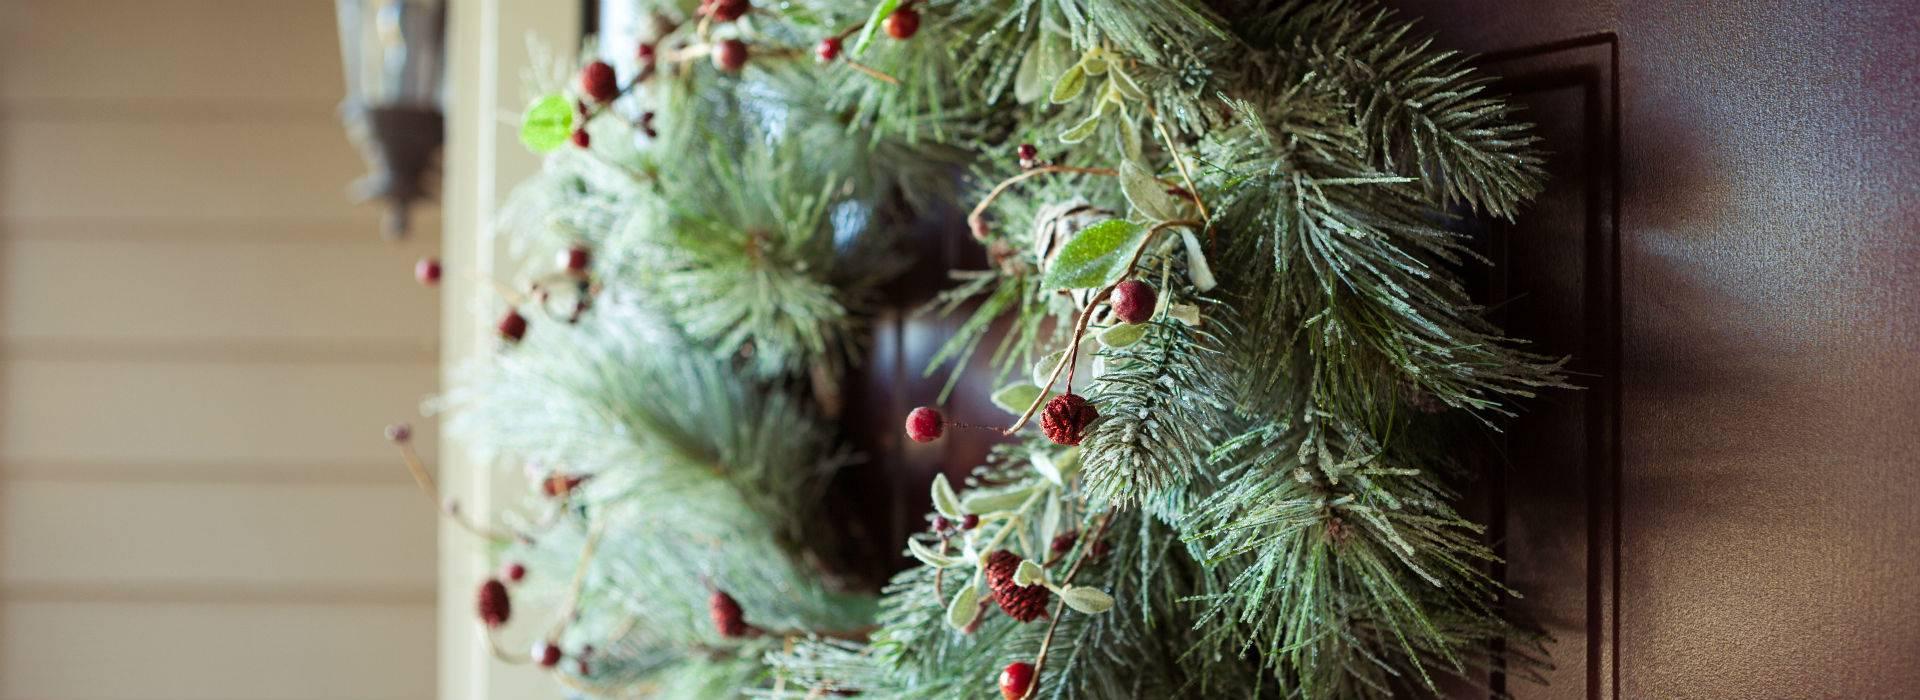 Merry Christmas 2017 blog post